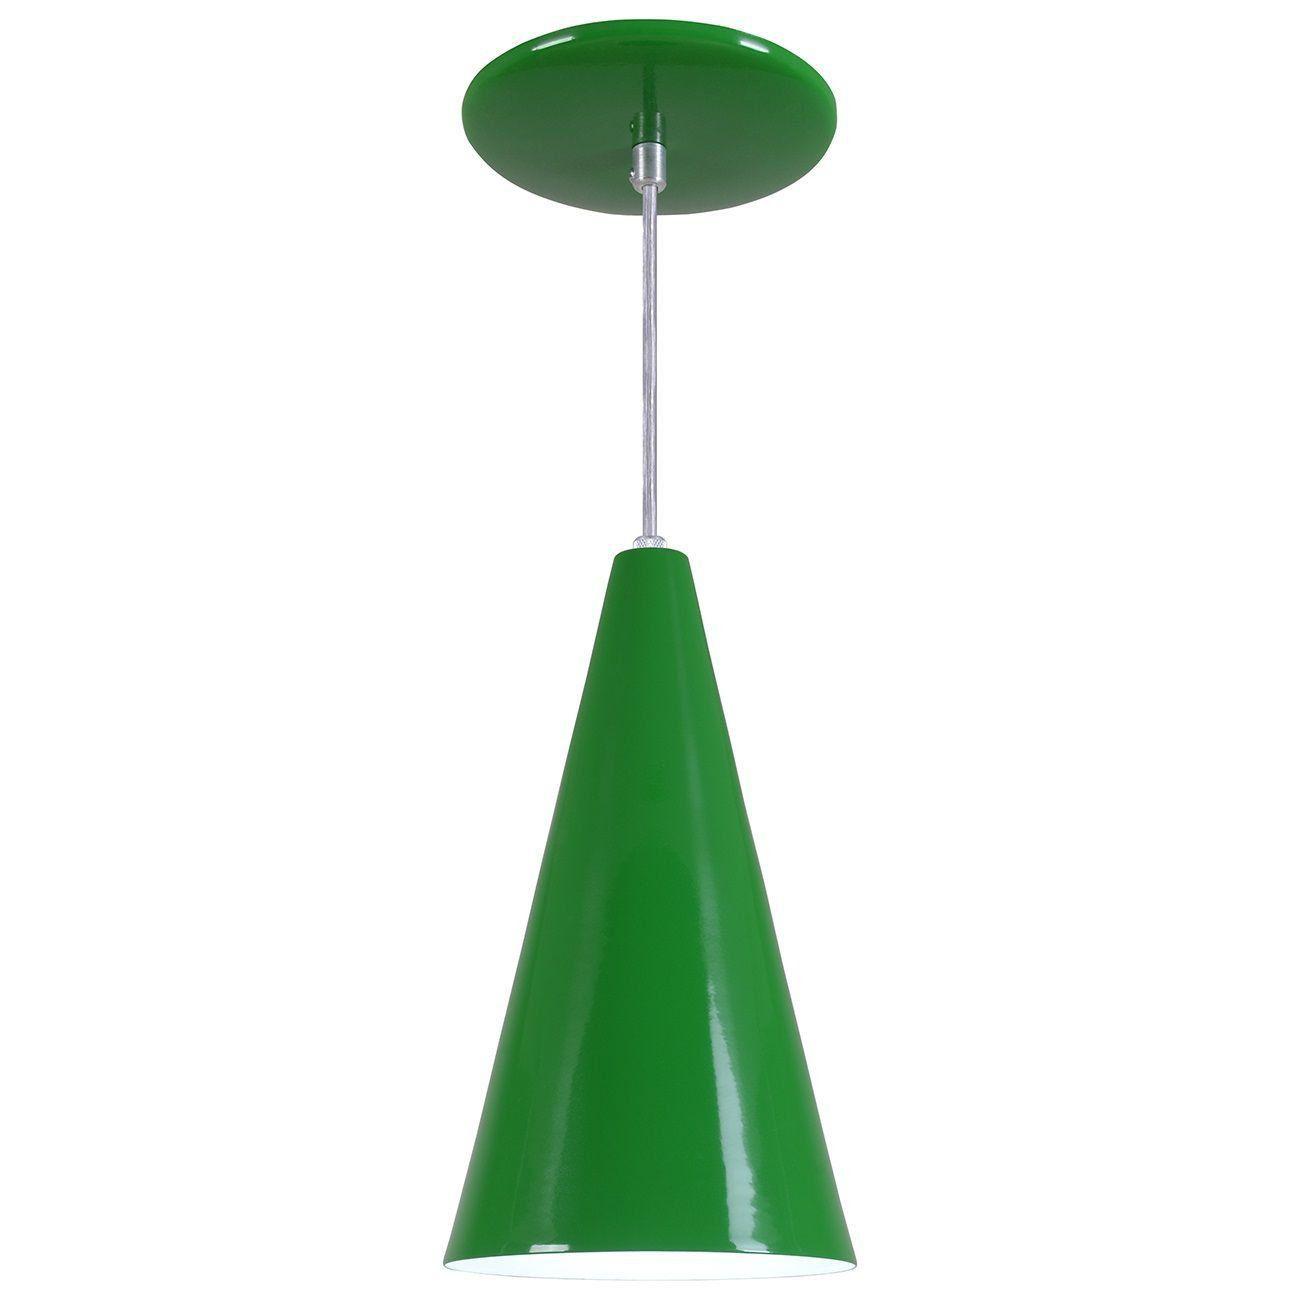 Pendente Cone Luminária Lustre Alumínio Verde - Rei Da Iluminação